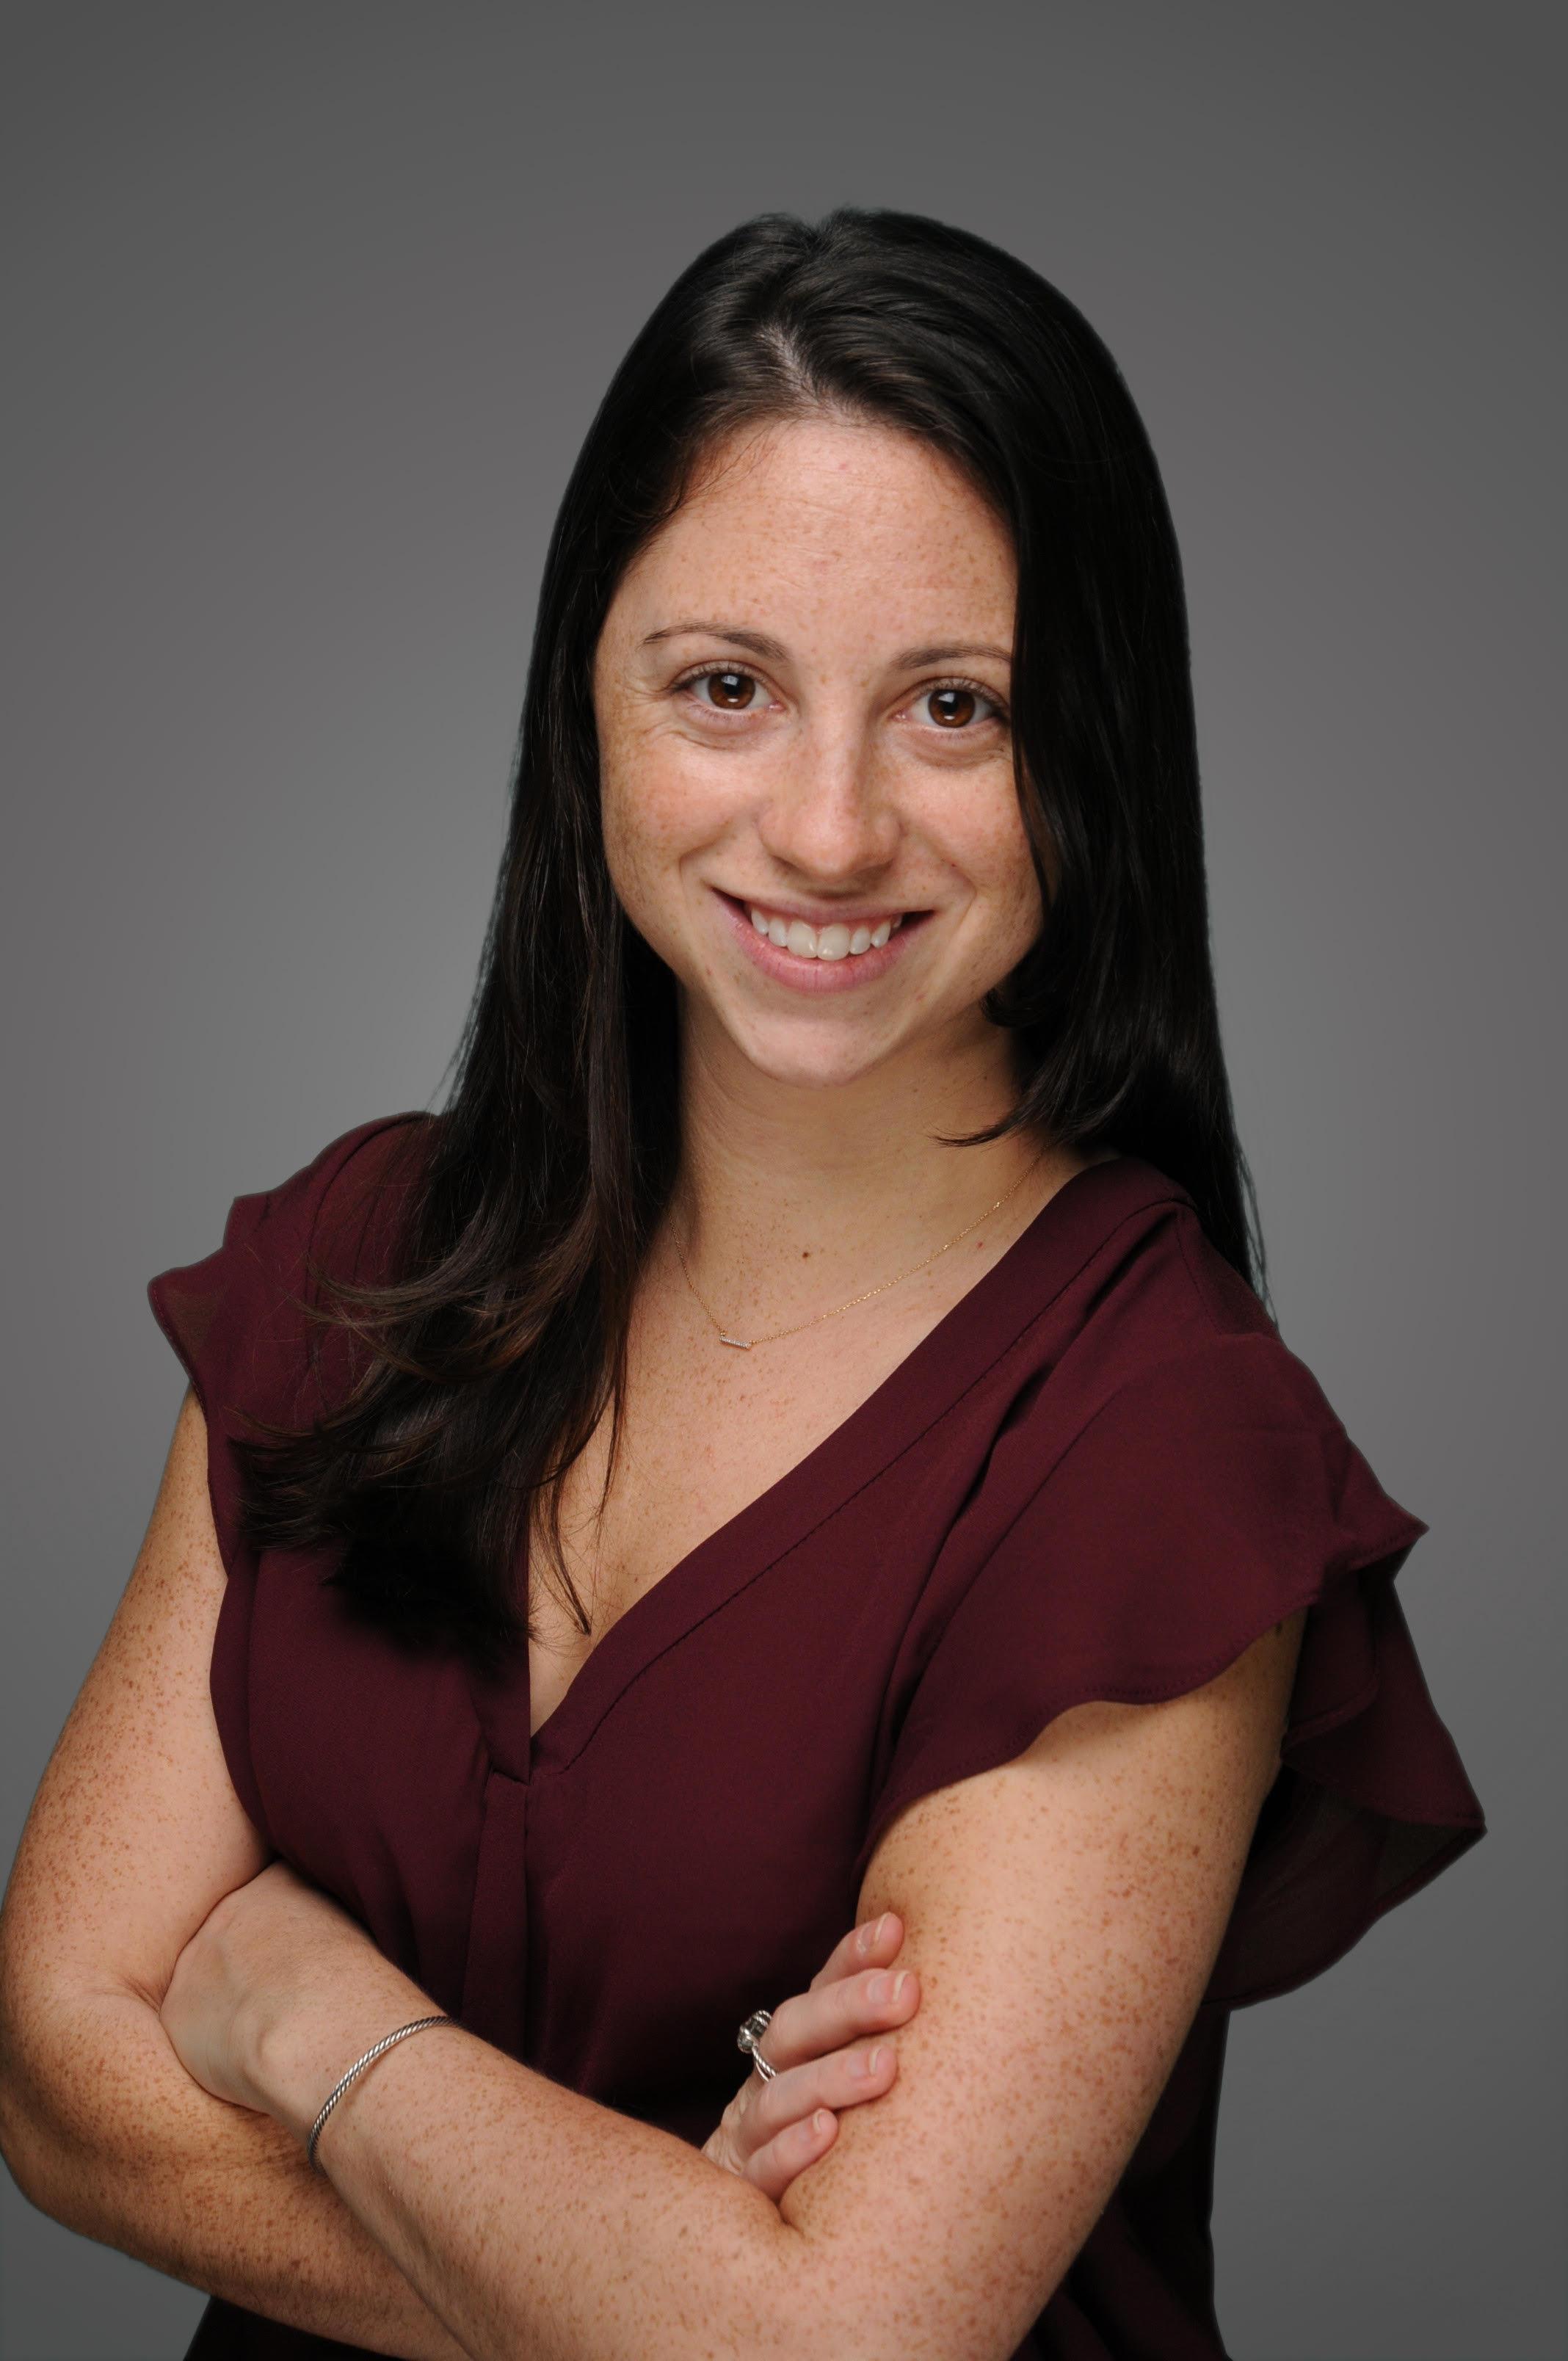 Rachel Serwetz of Woken